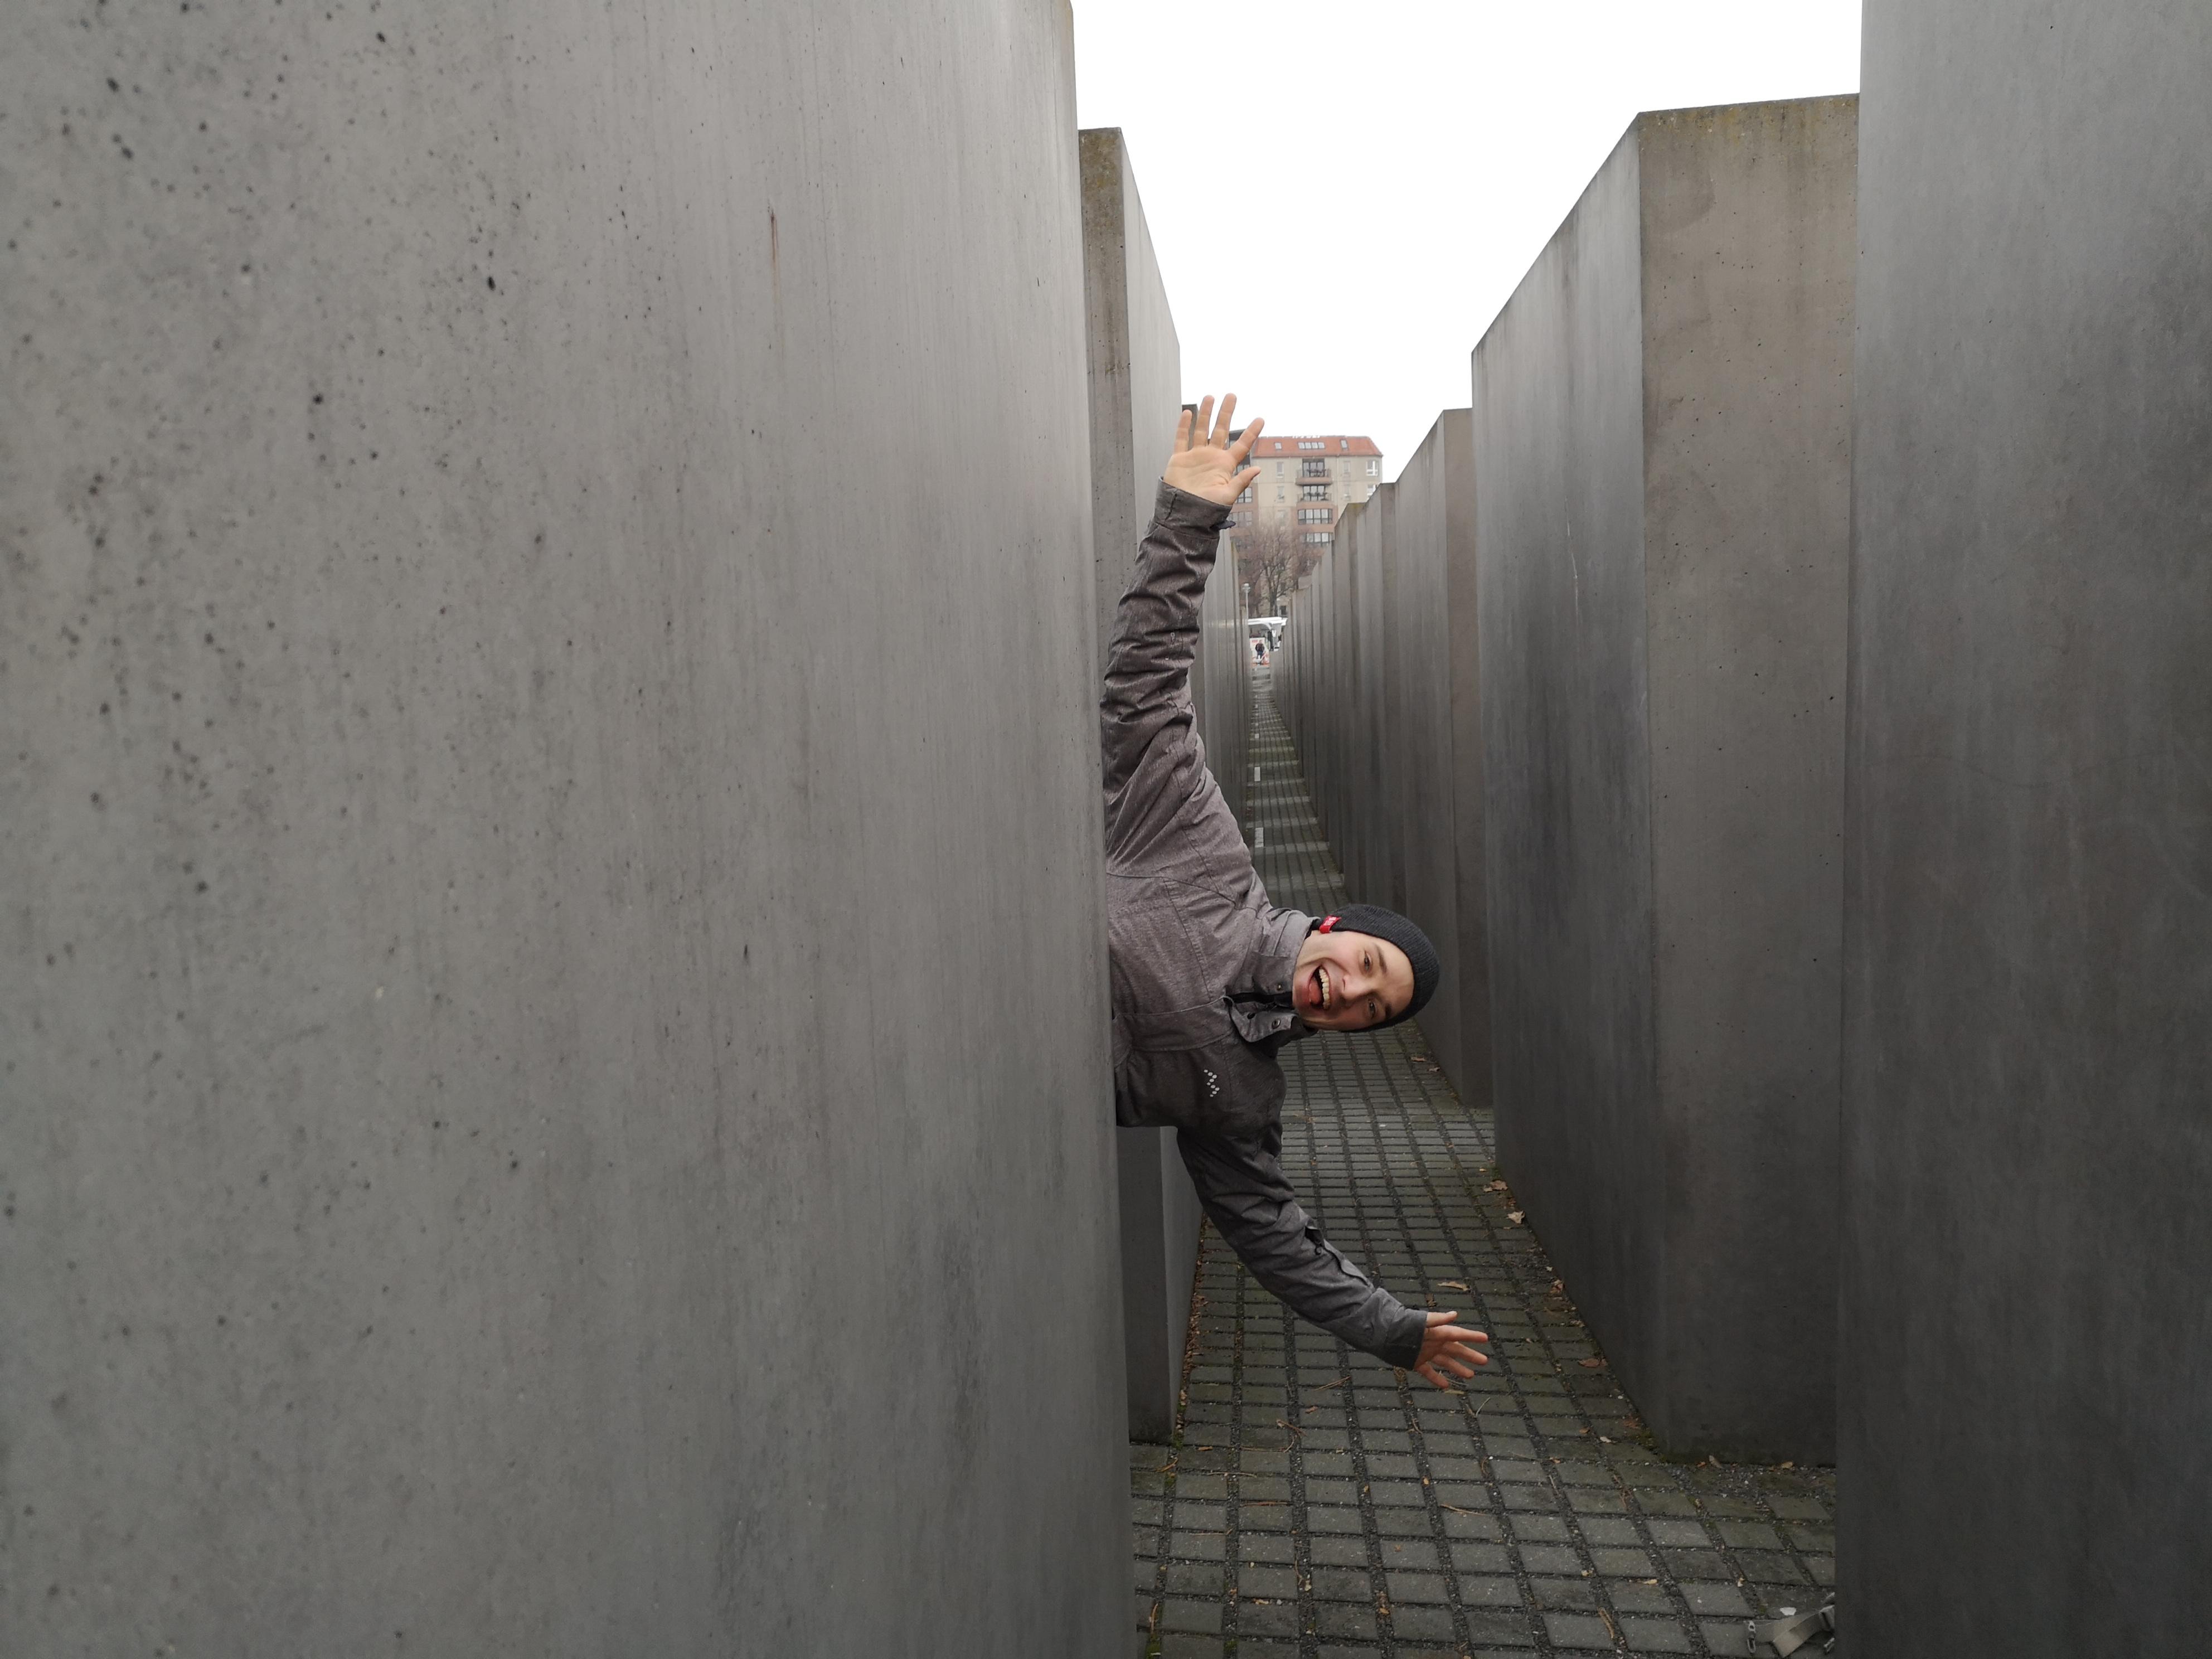 Mindesmærket for de myrdede jøder og holocaust, Berlin